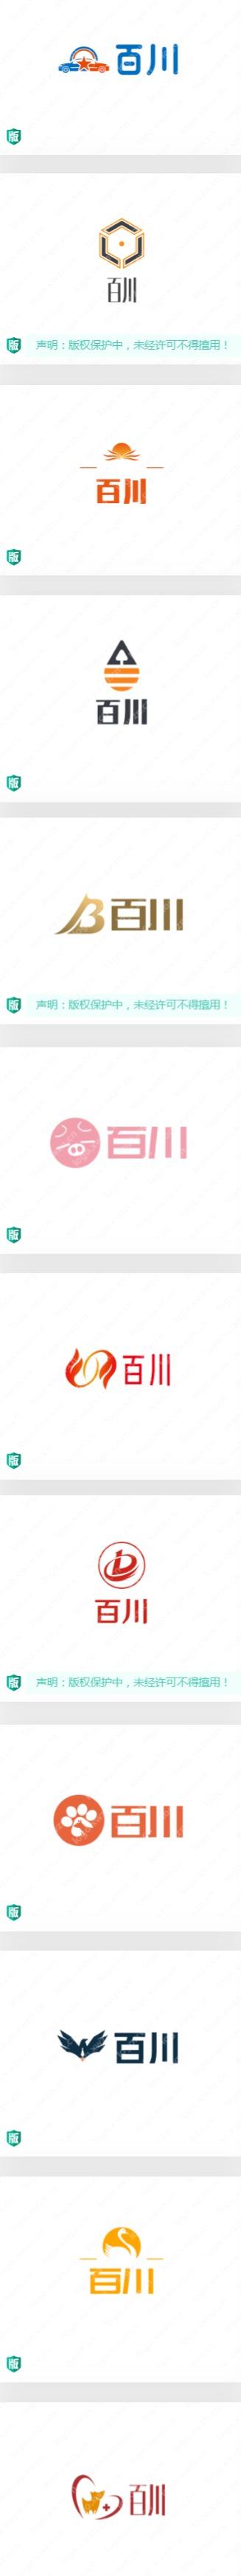 文化行业logo设计:百川,喜欢的收藏